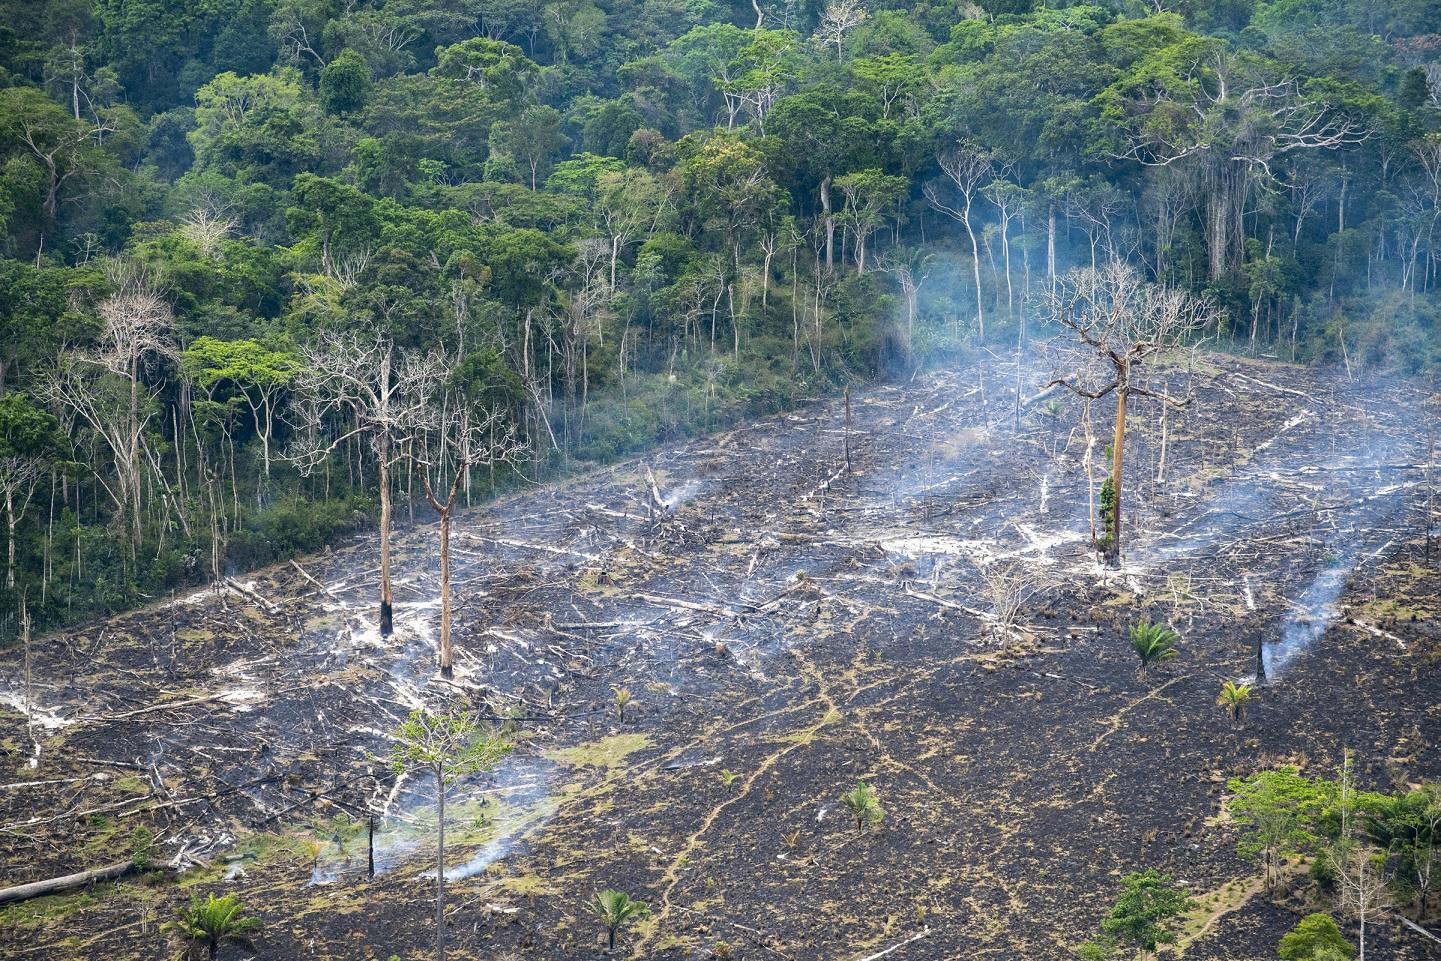 Área de desmatamento ilegal, em Marabá, no Pará. Reflorestamento é uma oportunidade para as empresas. Foto Notimex.